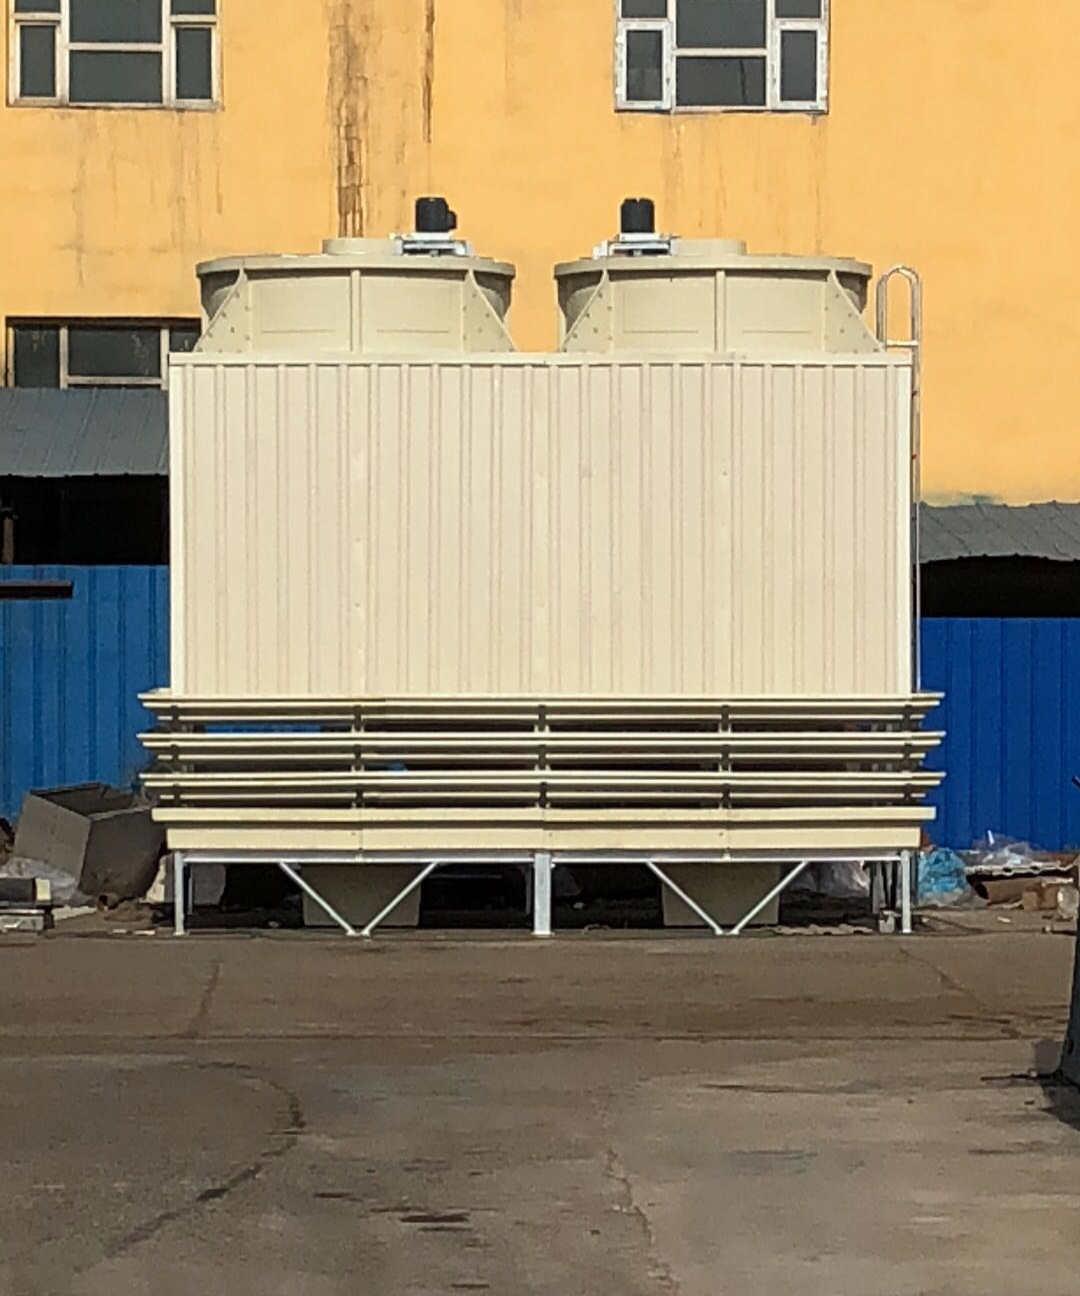 新疆玻璃鋼冷卻塔廠家-哈密專業供應玻璃鋼冷卻塔